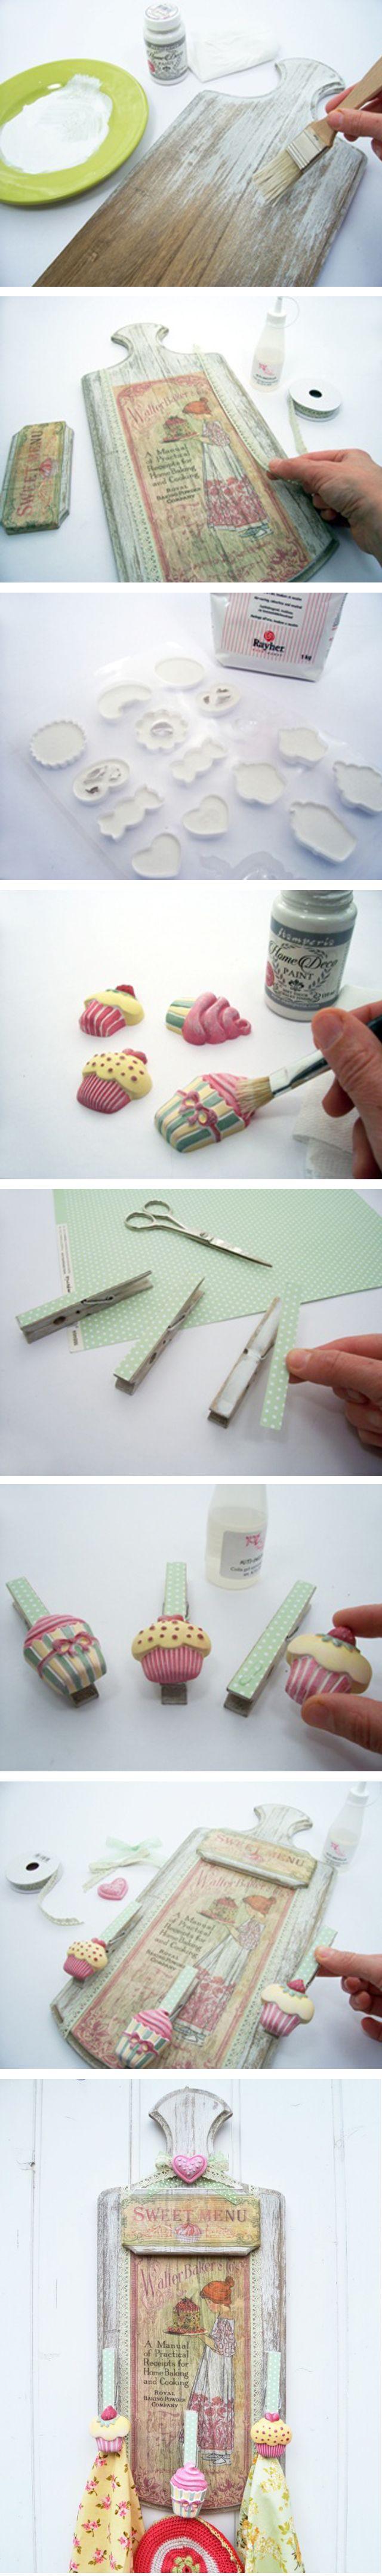 Un tutorial creativo per realizzare un porta asciuapiatti o presine per la cucina con applicazioni